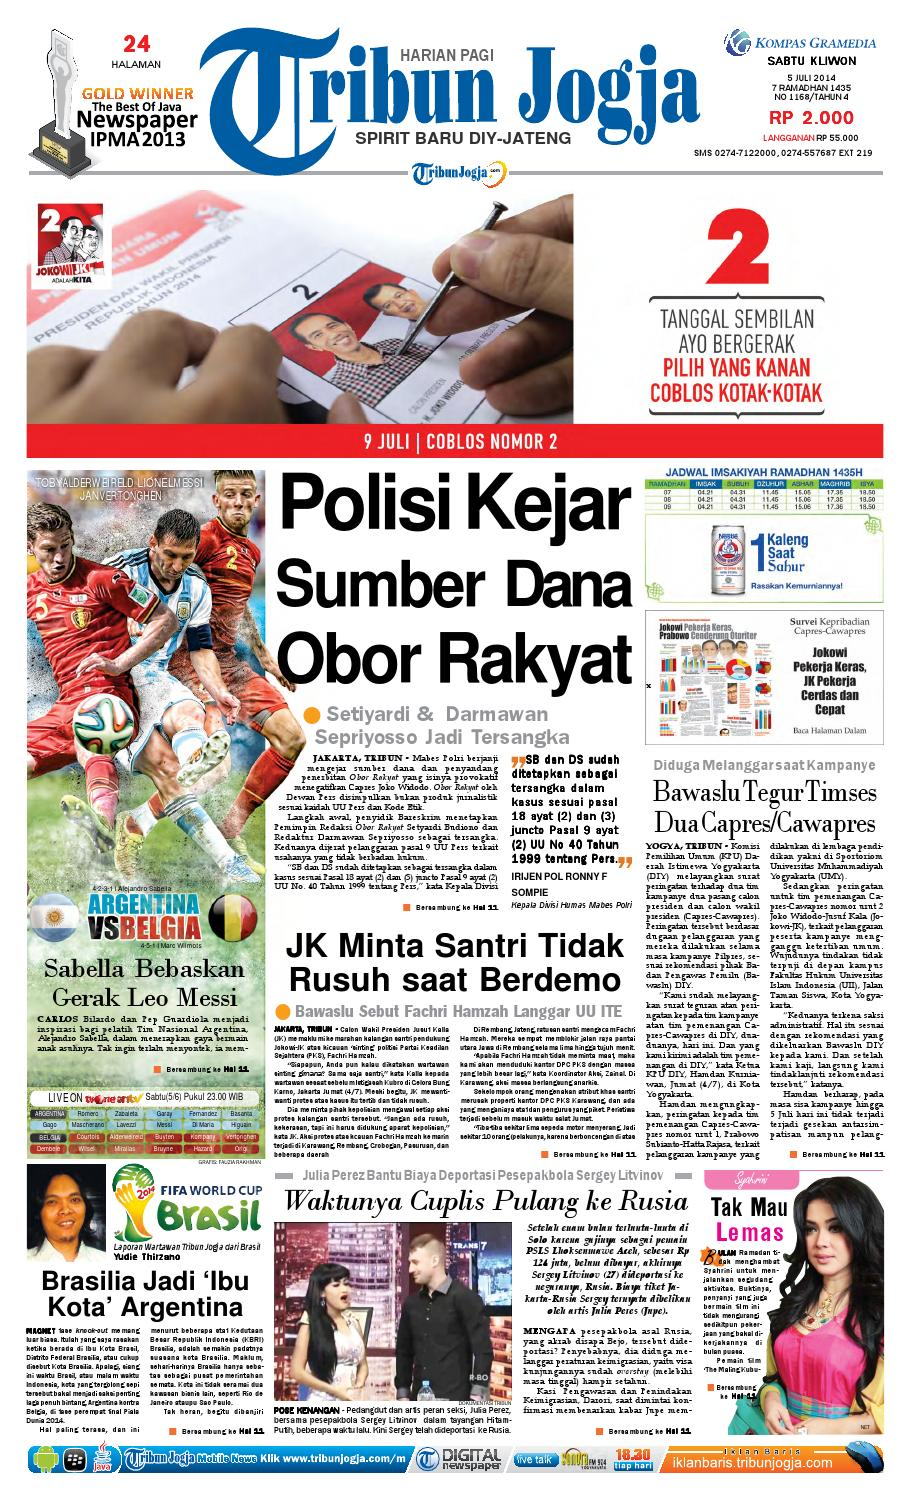 Tribunjogja 05 07 2014 By Tribun Jogja Issuu Produk Ukm Bumn Pusaka Coffee 15 Pcs Kopi Herbal Nusantara Free Ongkir Depok Ampamp Jakarta